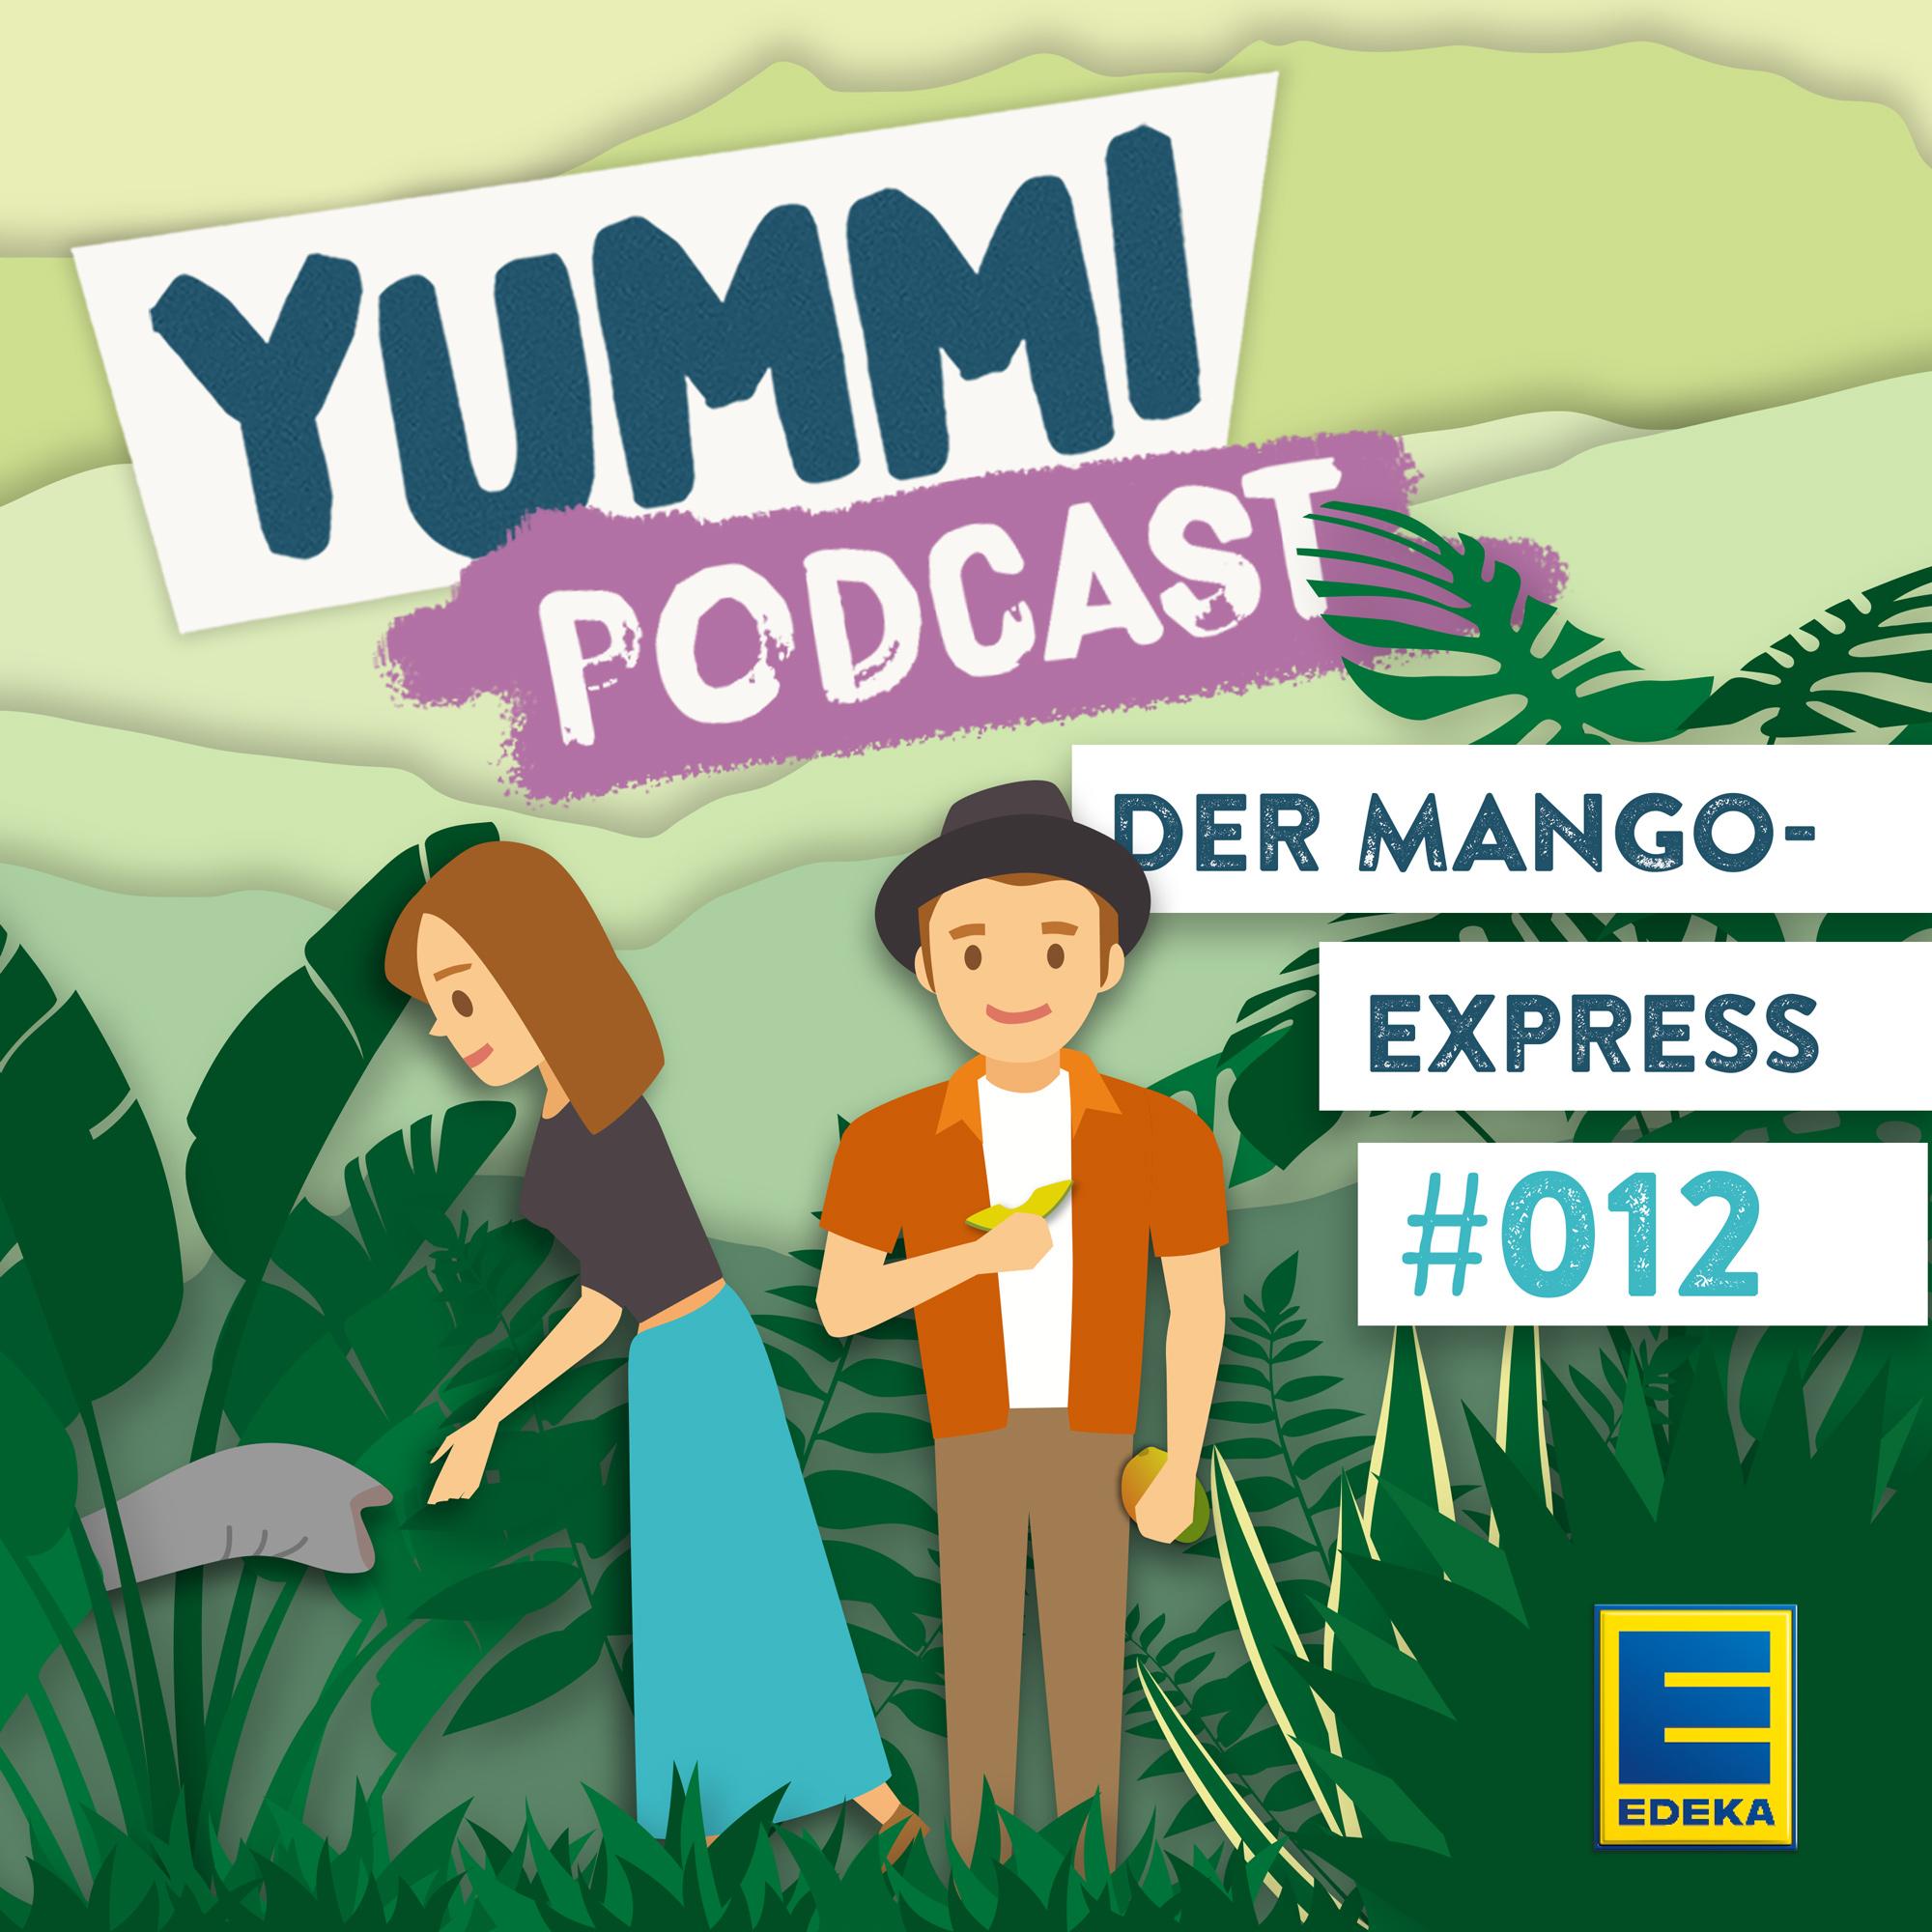 Der Mango Express